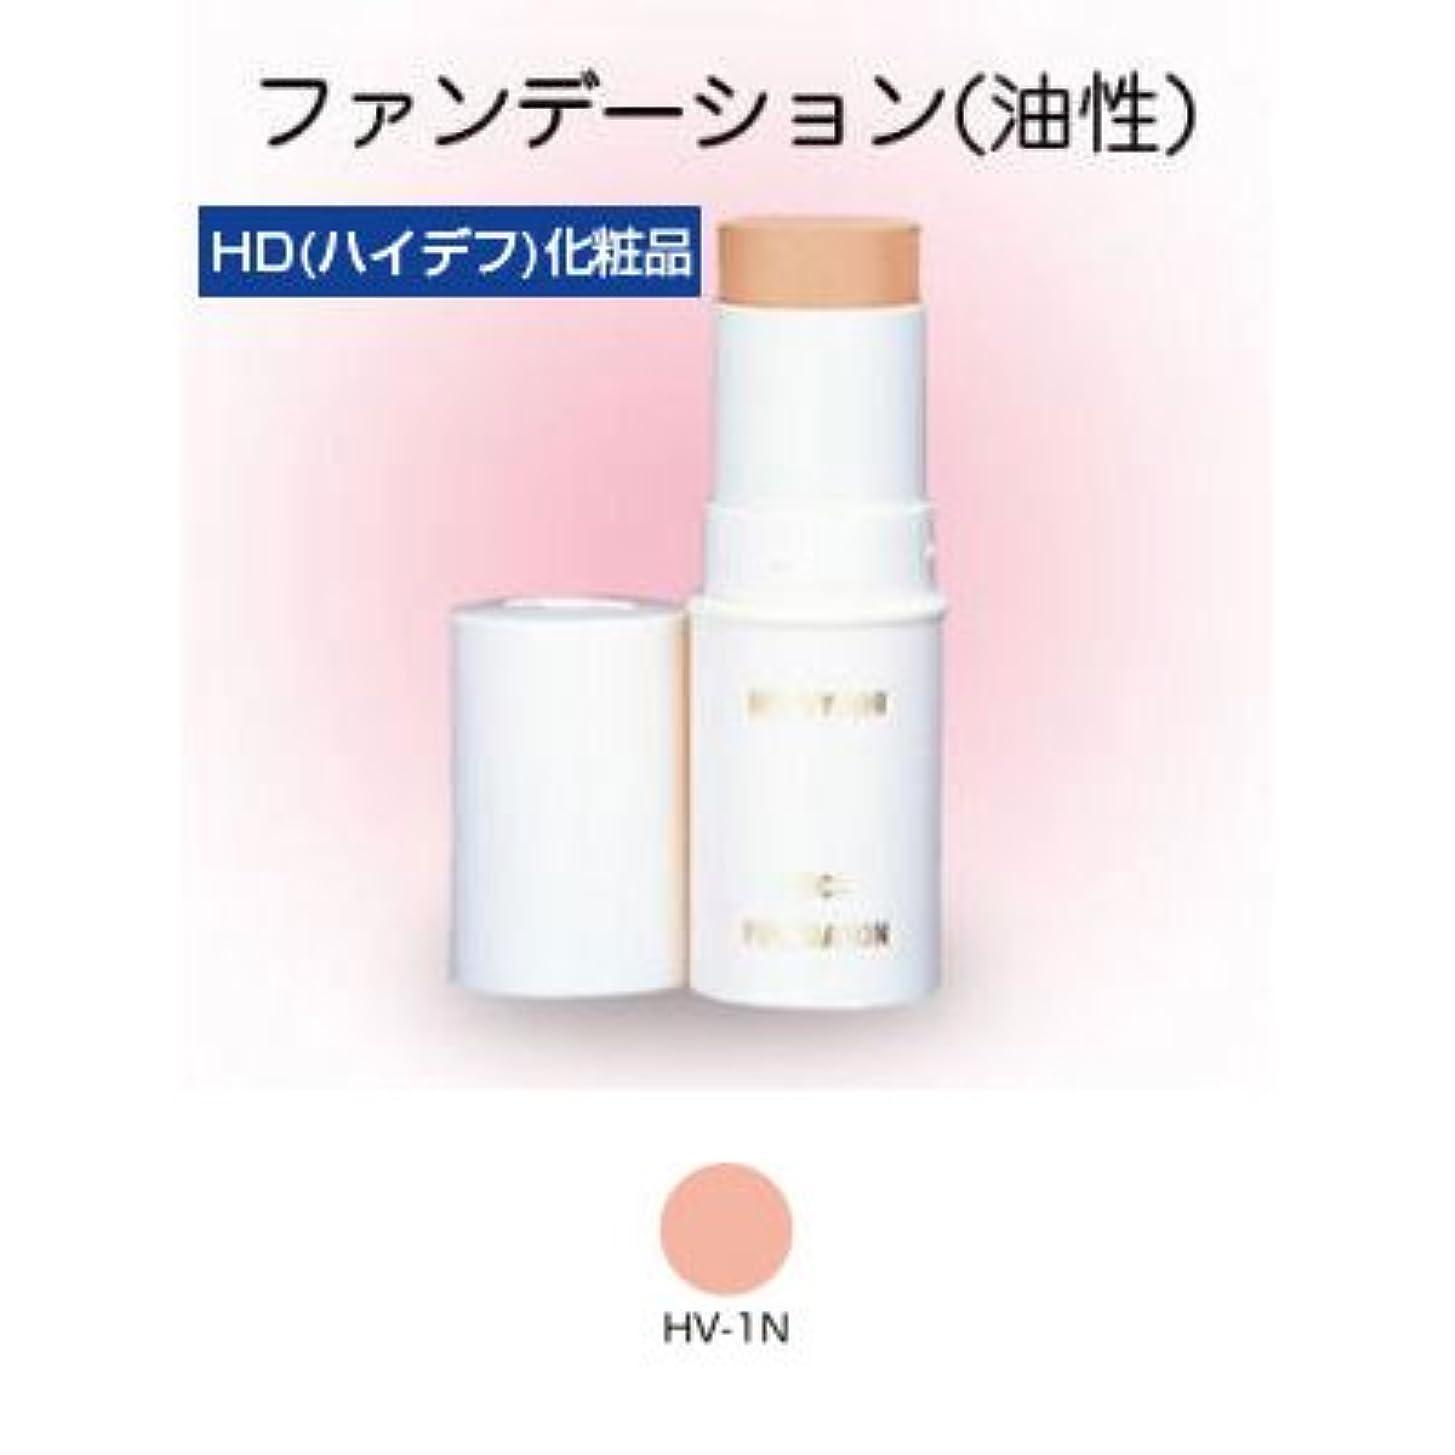 不快な単独でポンペイスティックファンデーション HD化粧品 17g 1NY 【三善】